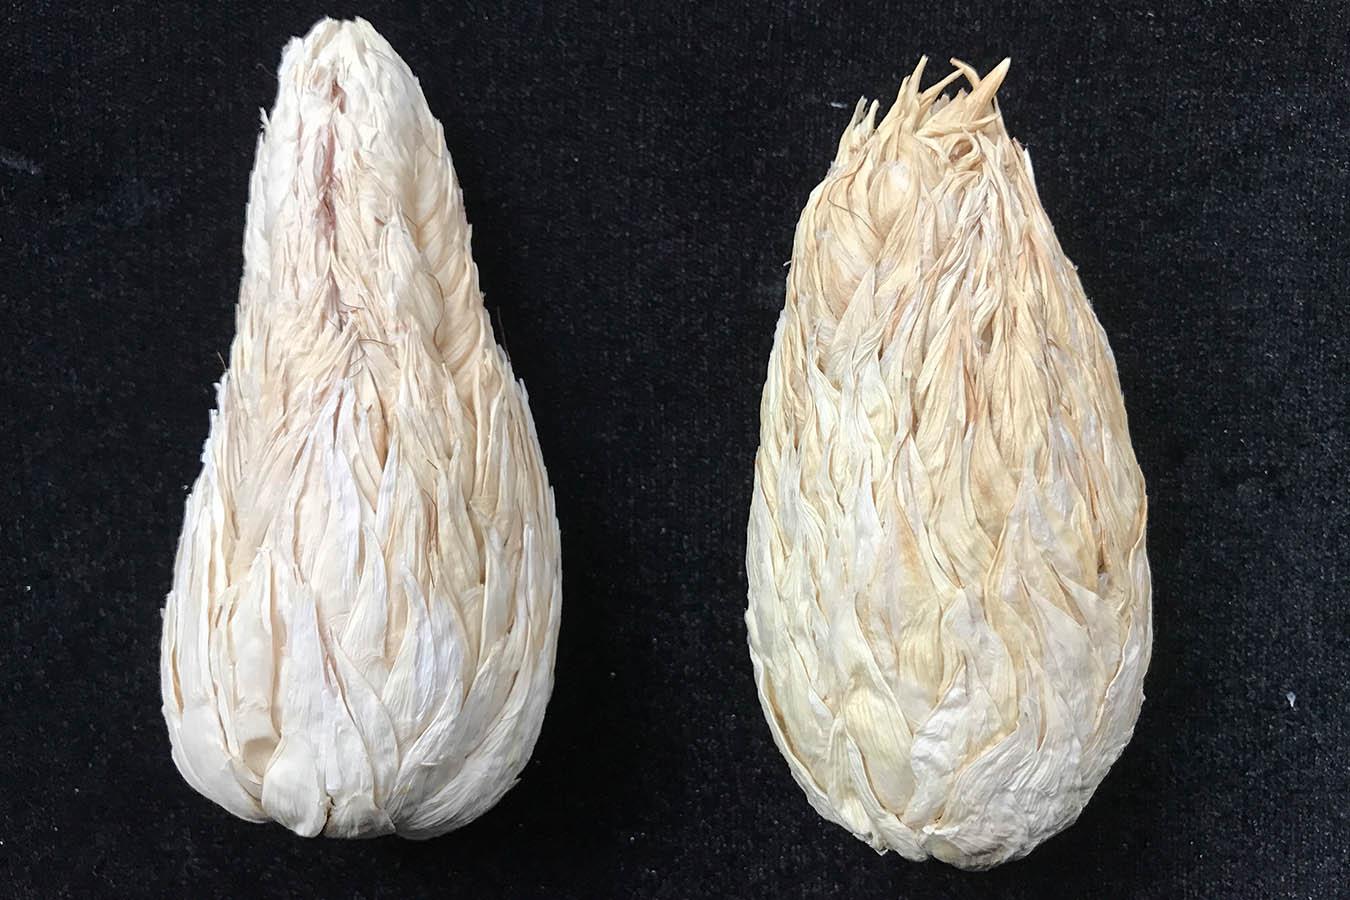 maiz tunicado maiz ajo tipos de maiz maiz criollo maiz mexicano semillas de maiz tipos de granos de maiz